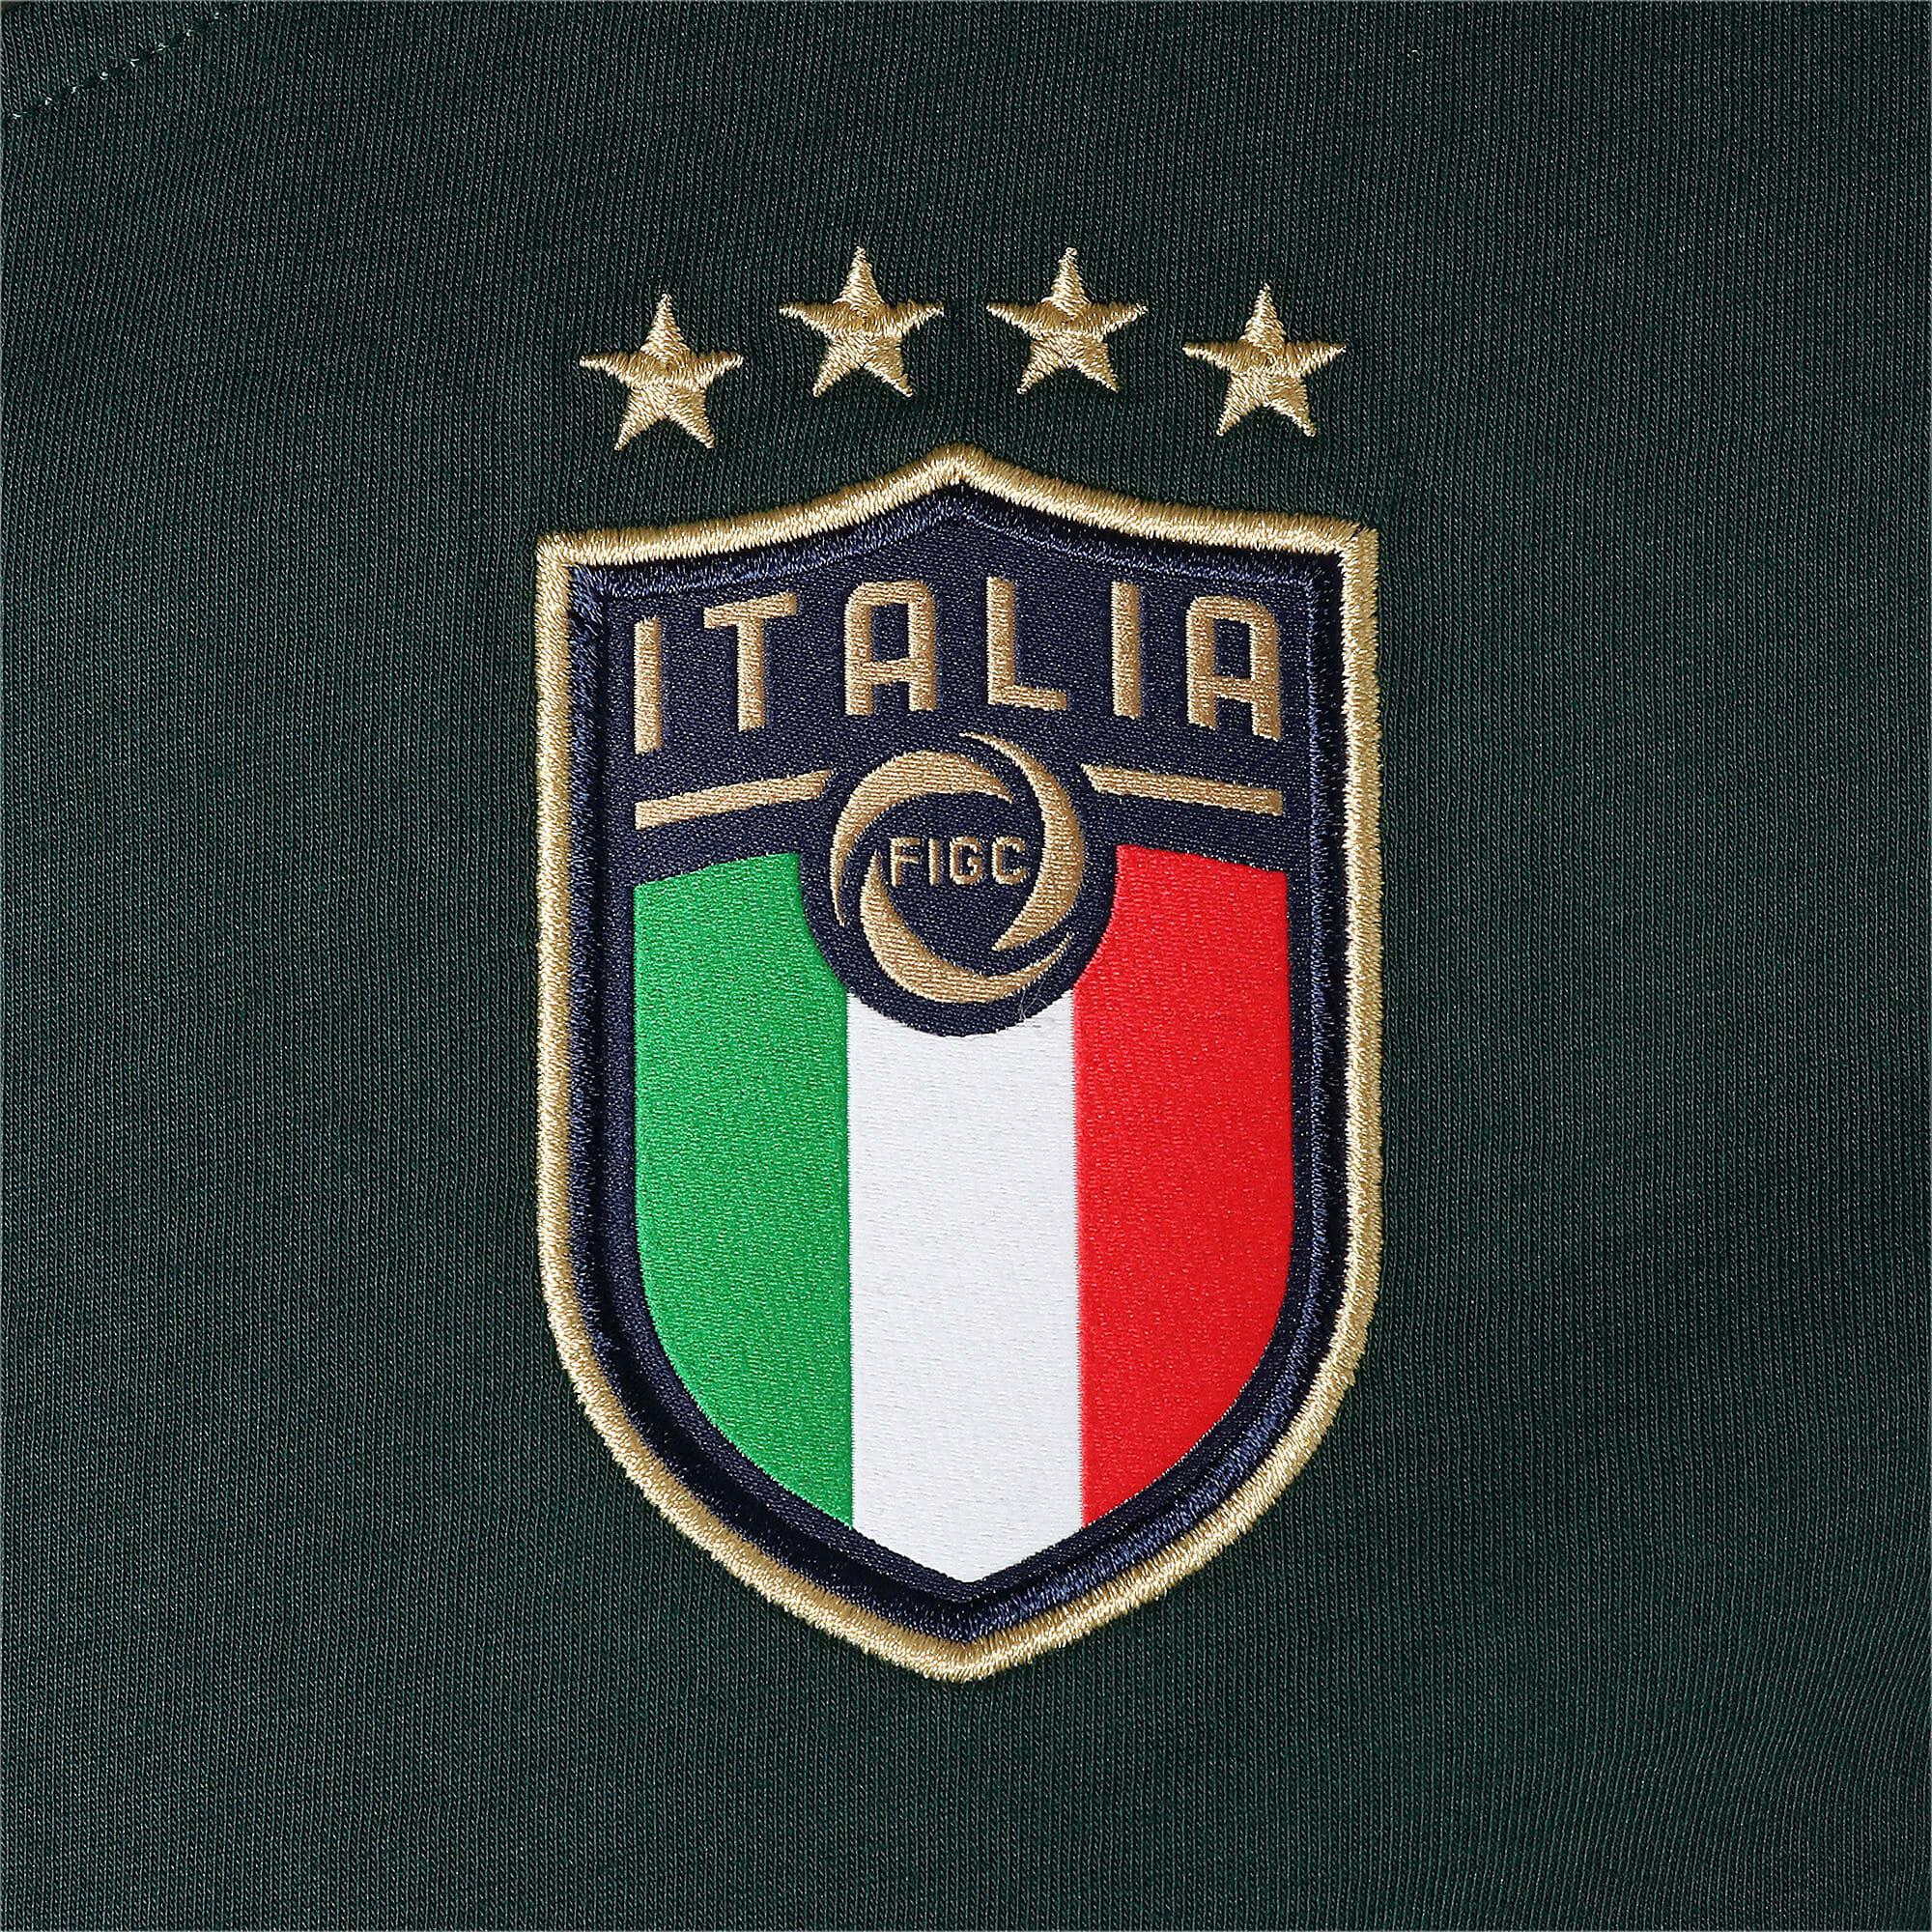 Thumbnail 7 of FIGC イタリア カジュアル Tシャツ 半袖, Ponderosa Pine-Peacoat, medium-JPN